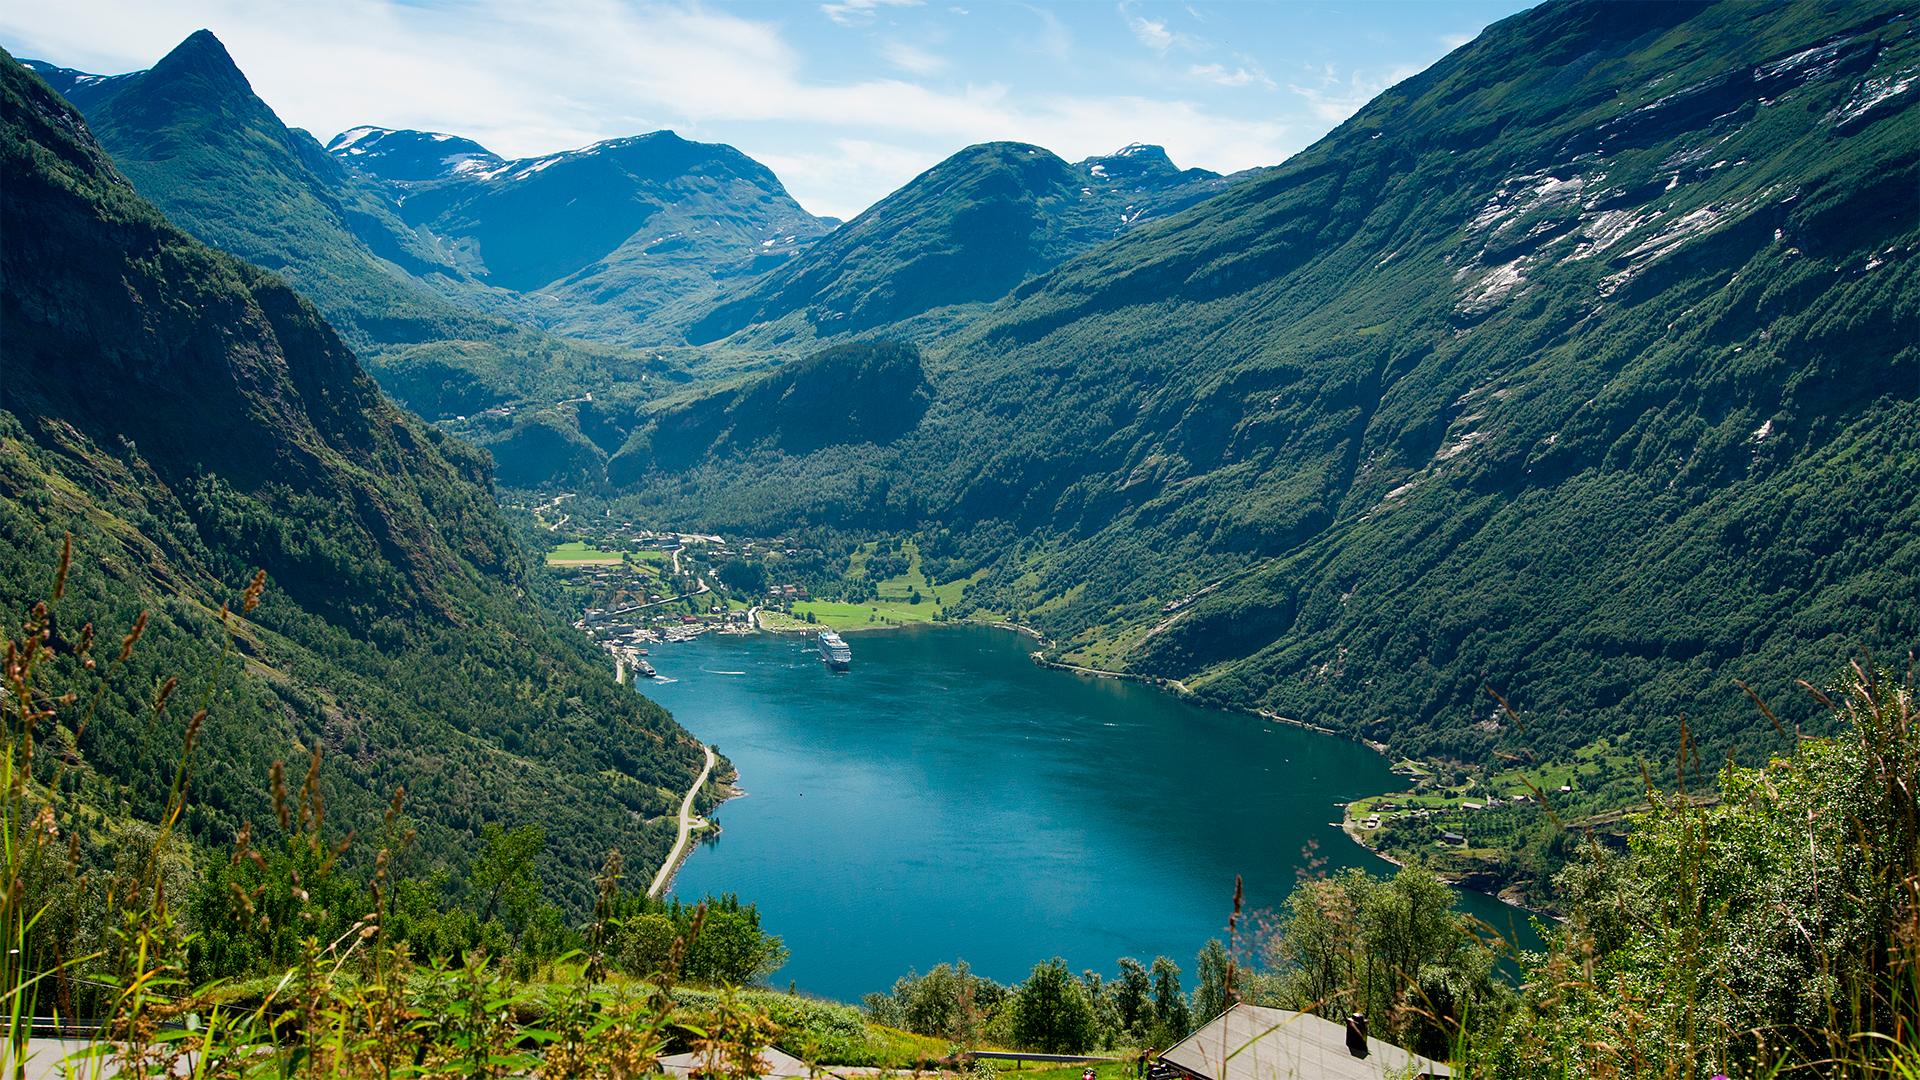 Bilde av Geirangerfjorden er en del av Vestnorsk fjordlandskap, som er ett av de norske stedene som står på UNESCOs verdensarvliste. Foto: Ludovic Péron via Wikimedia Commons.